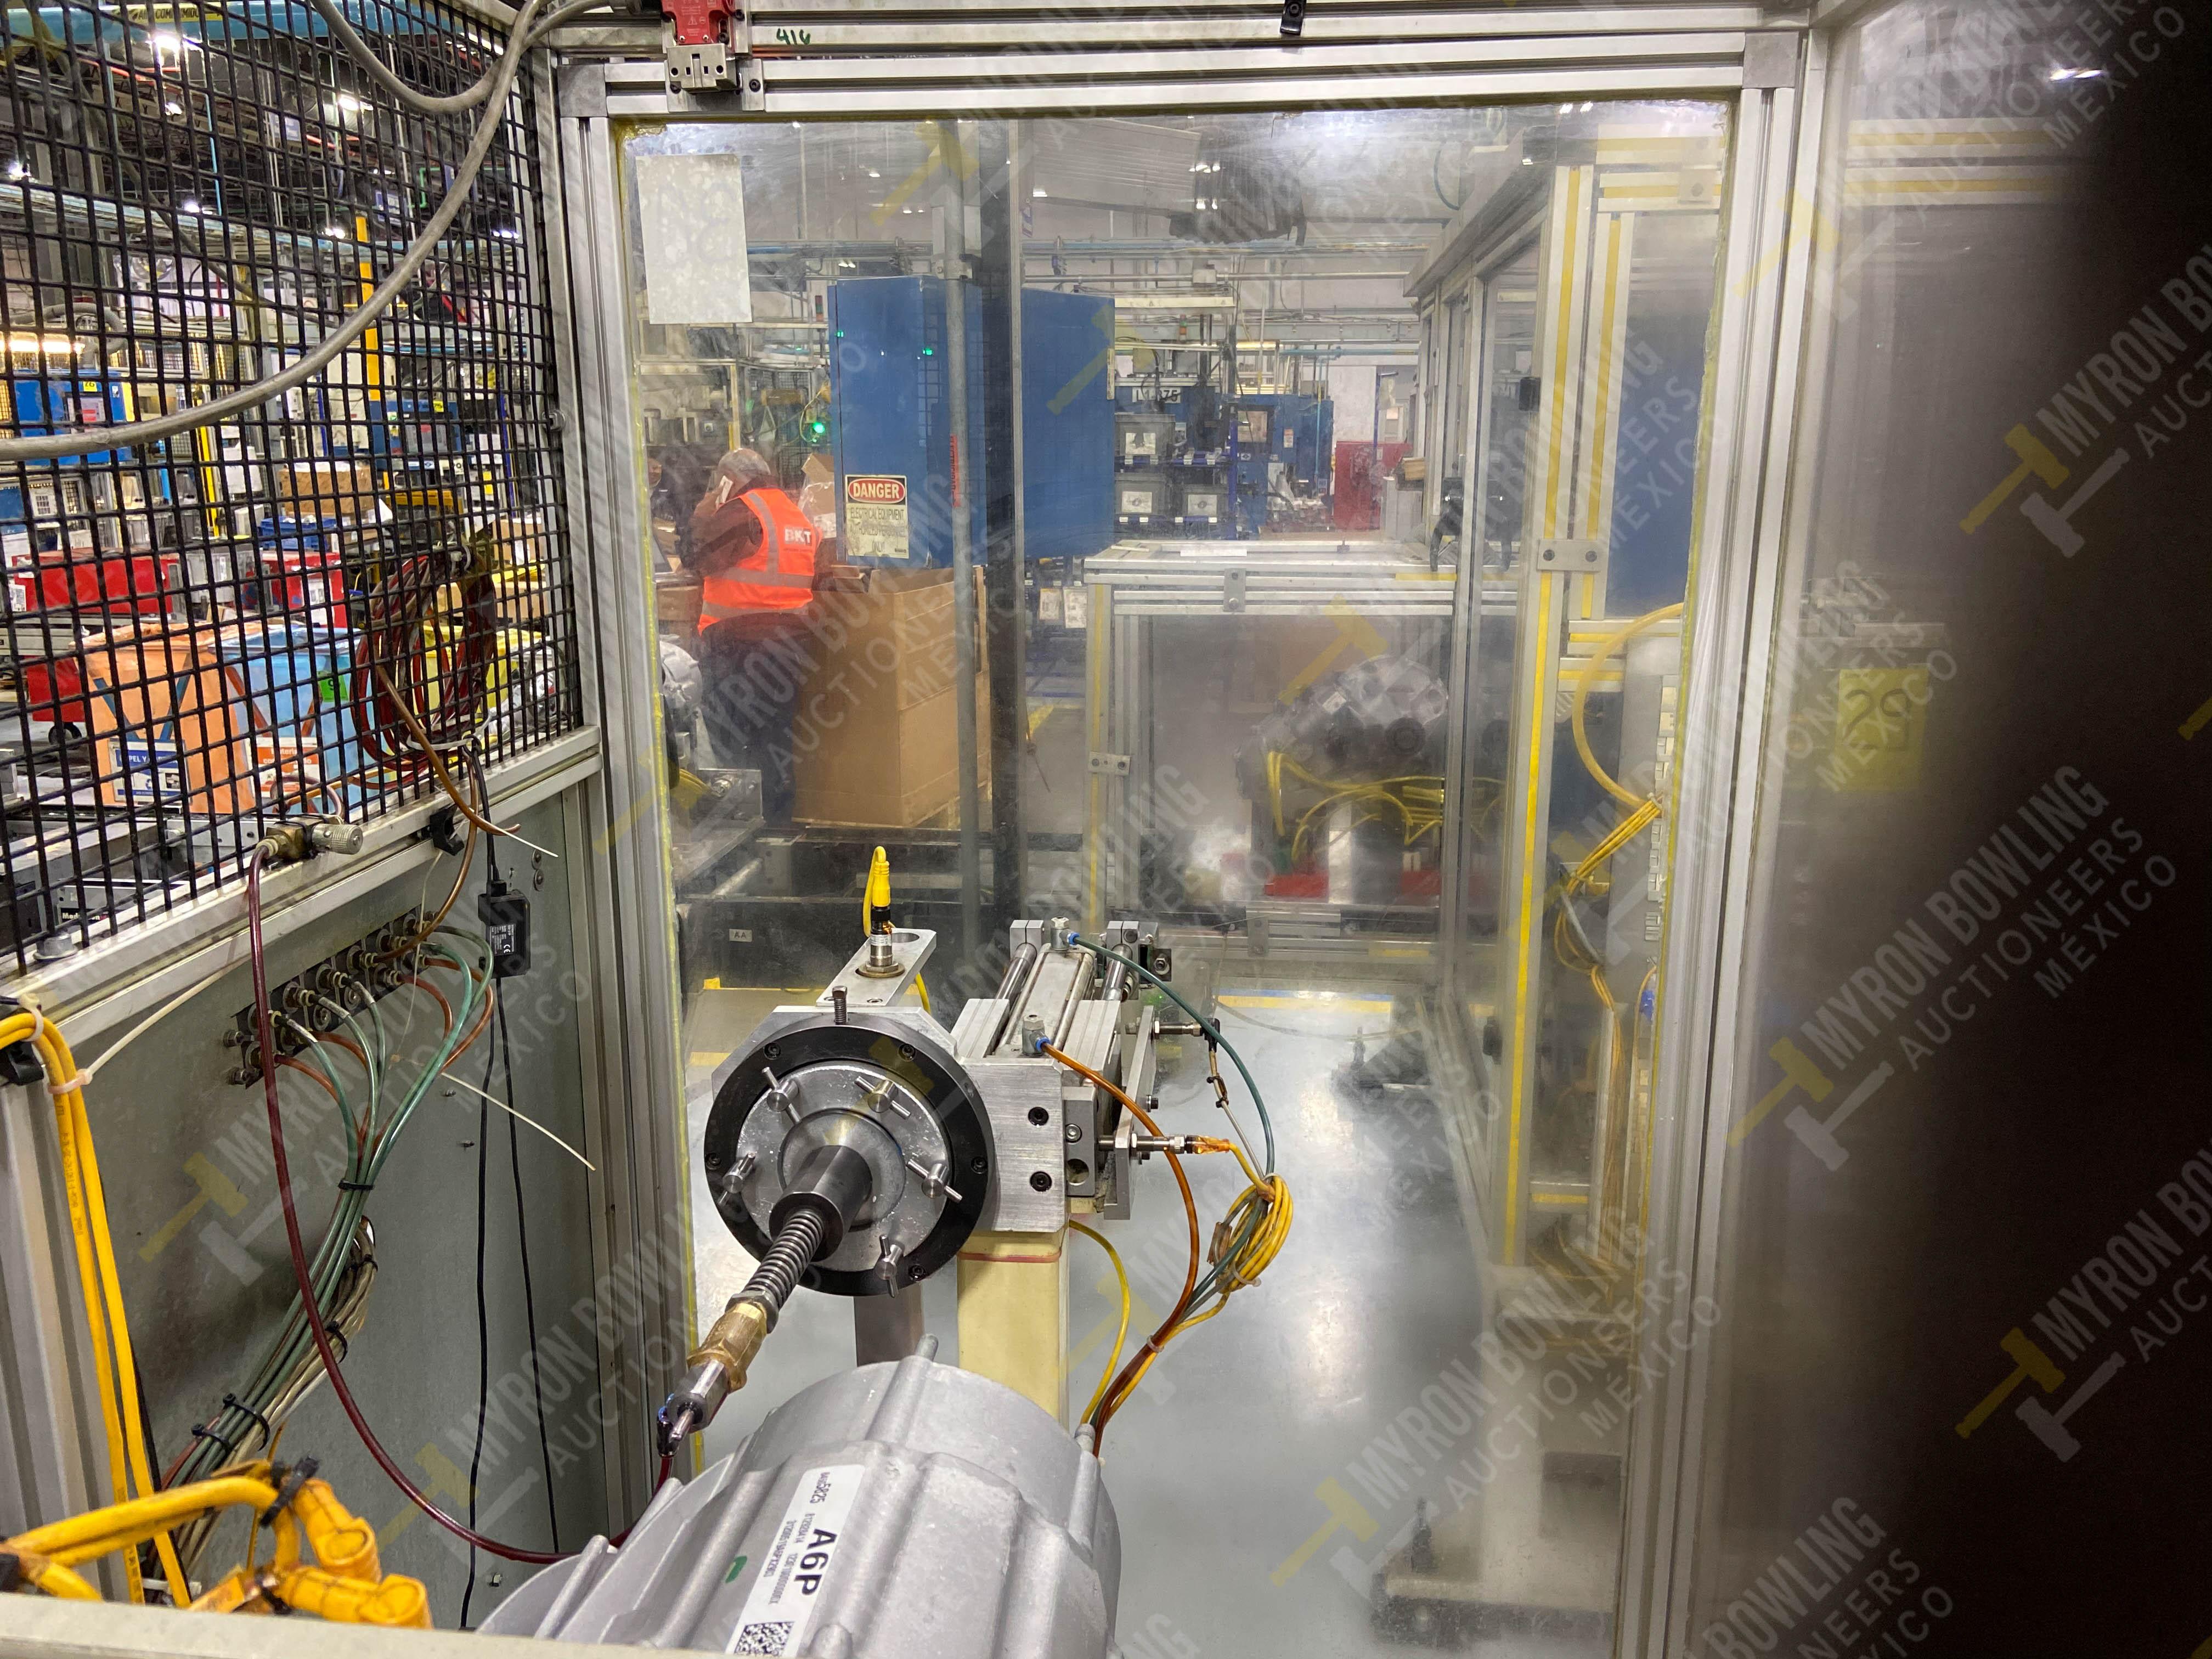 Estación semiautomática para operación 415, contiene: Máquina pesadora de piezas con 1 cilindro - Image 11 of 16